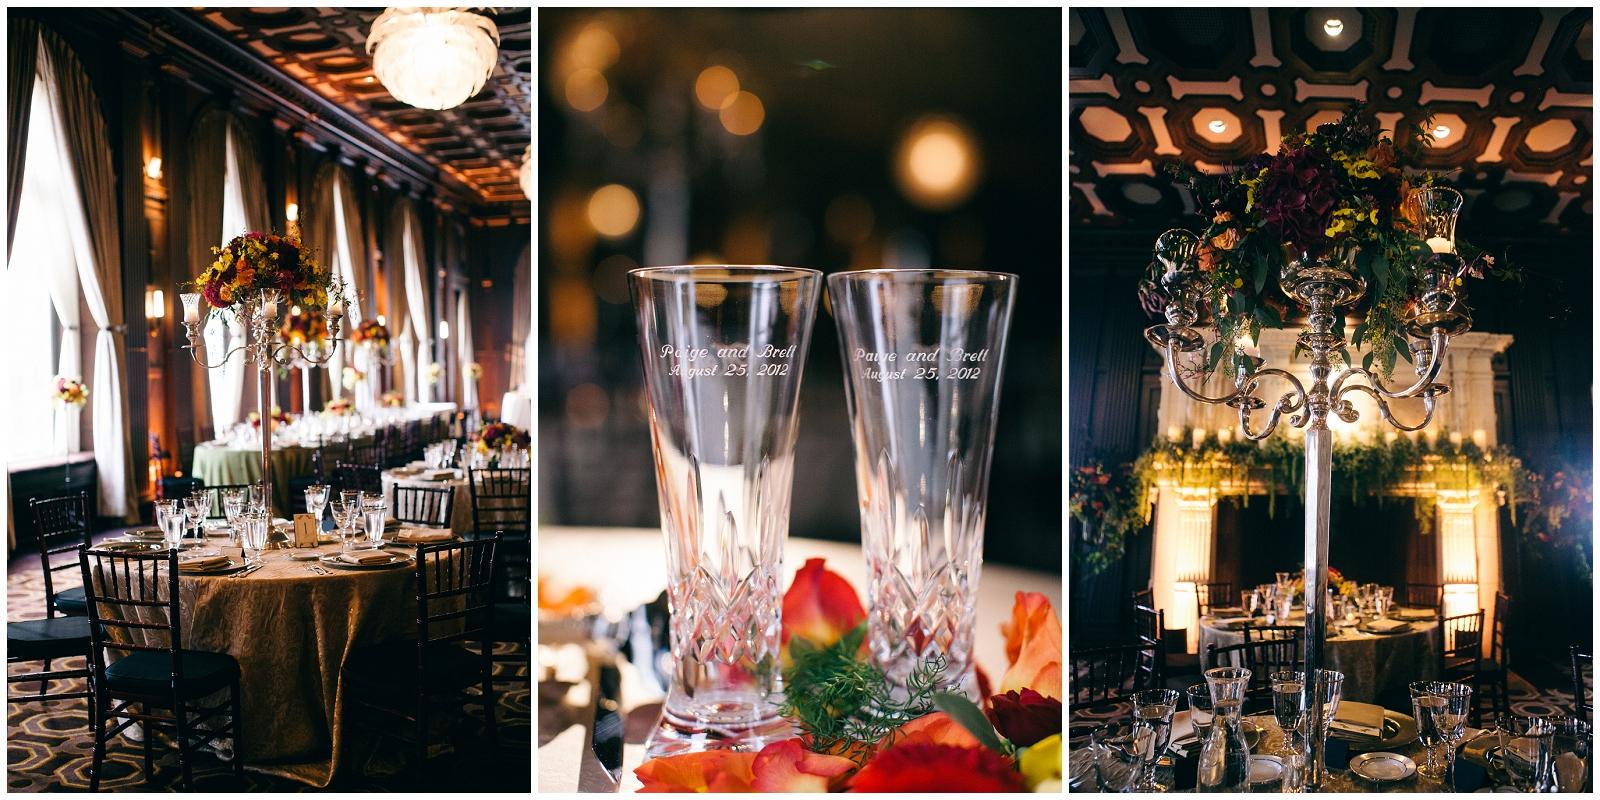 San-Francisco-Bay-Area-Wedding-Photography-Julia-Morgan-Ballroom-13.jpg